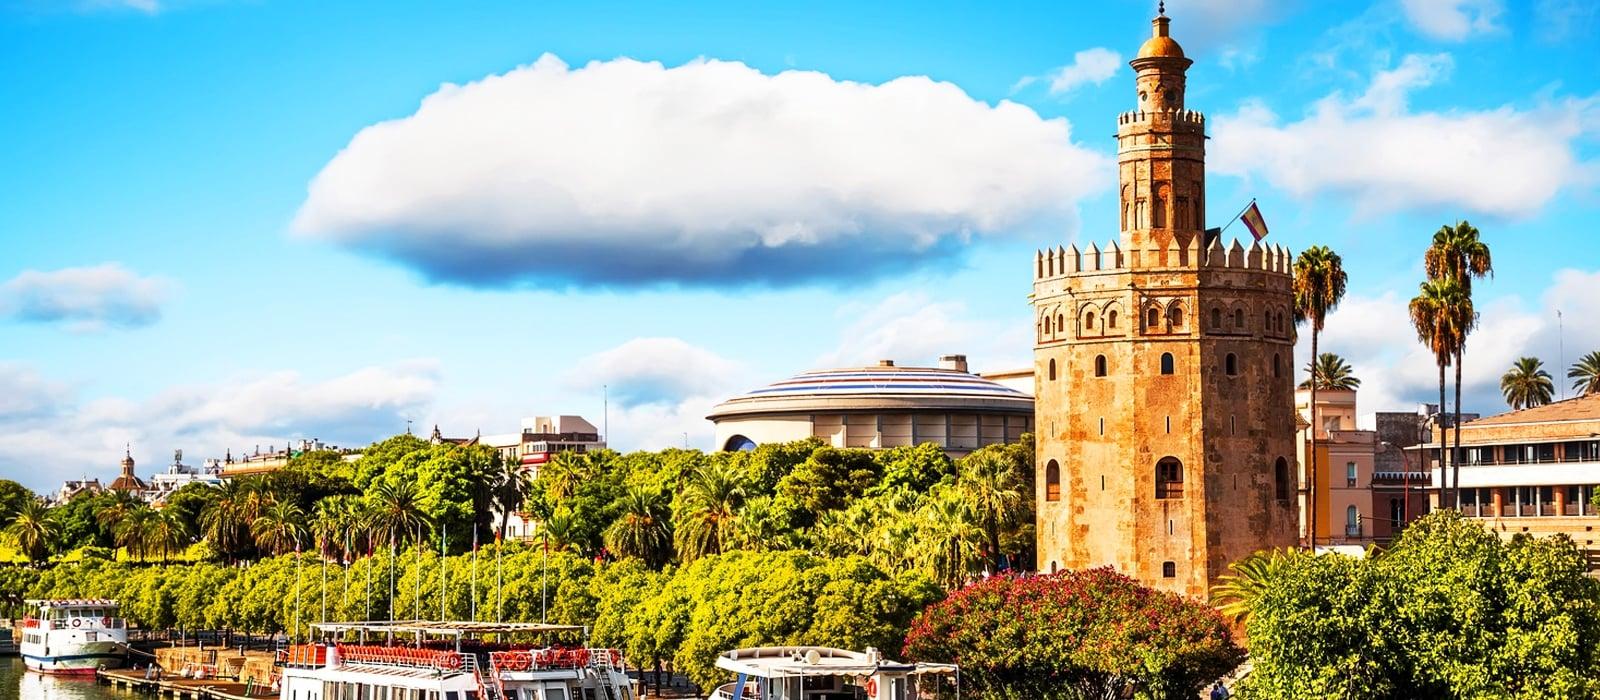 Vincci Hoteles. I migliori hotel nel centro di Siviglia